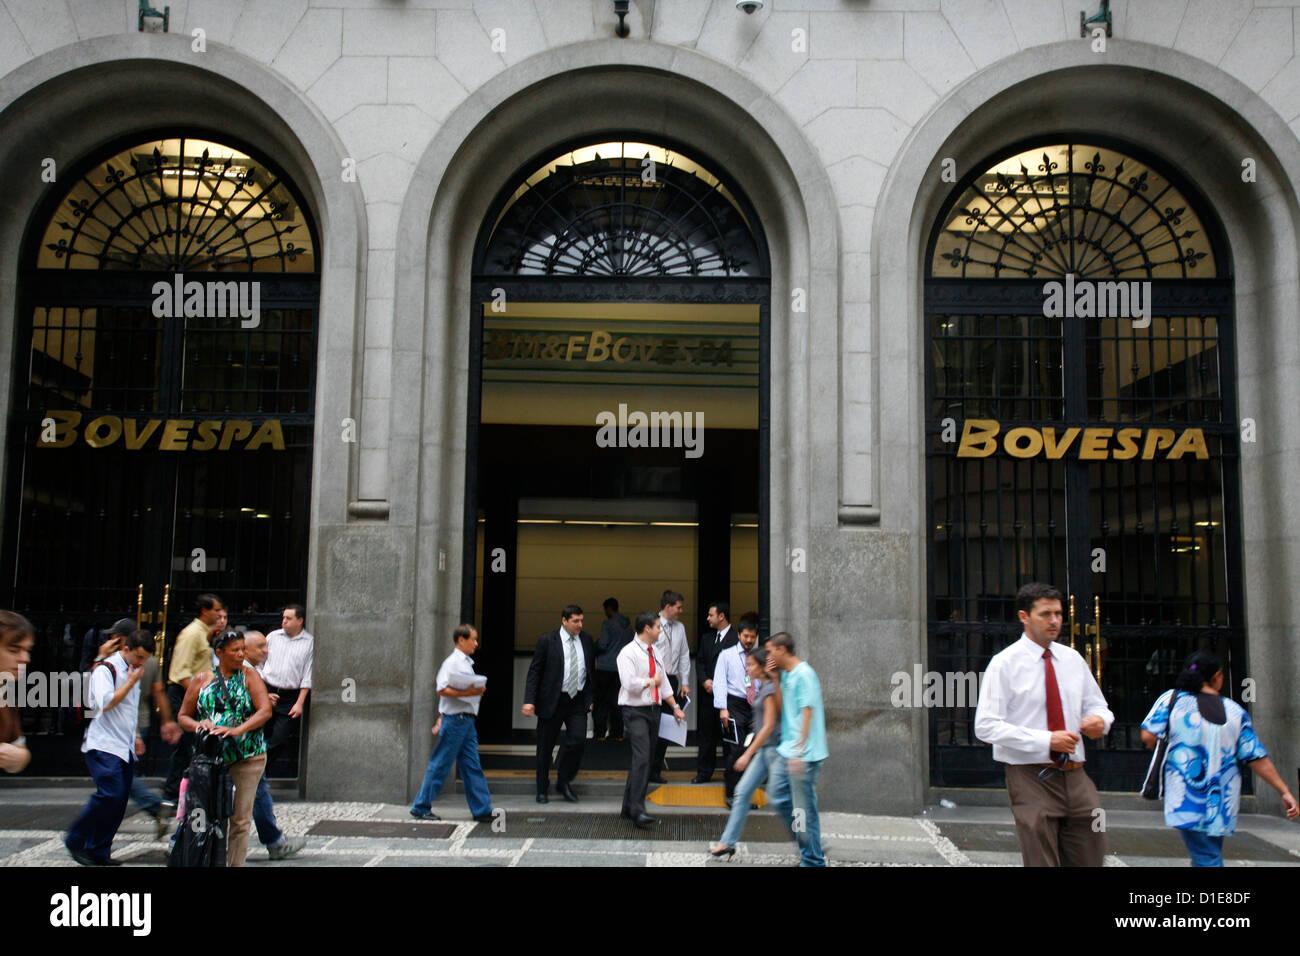 La bolsa de valores Bovespa, Sao Paulo, Brasil, América del Sur Imagen De Stock